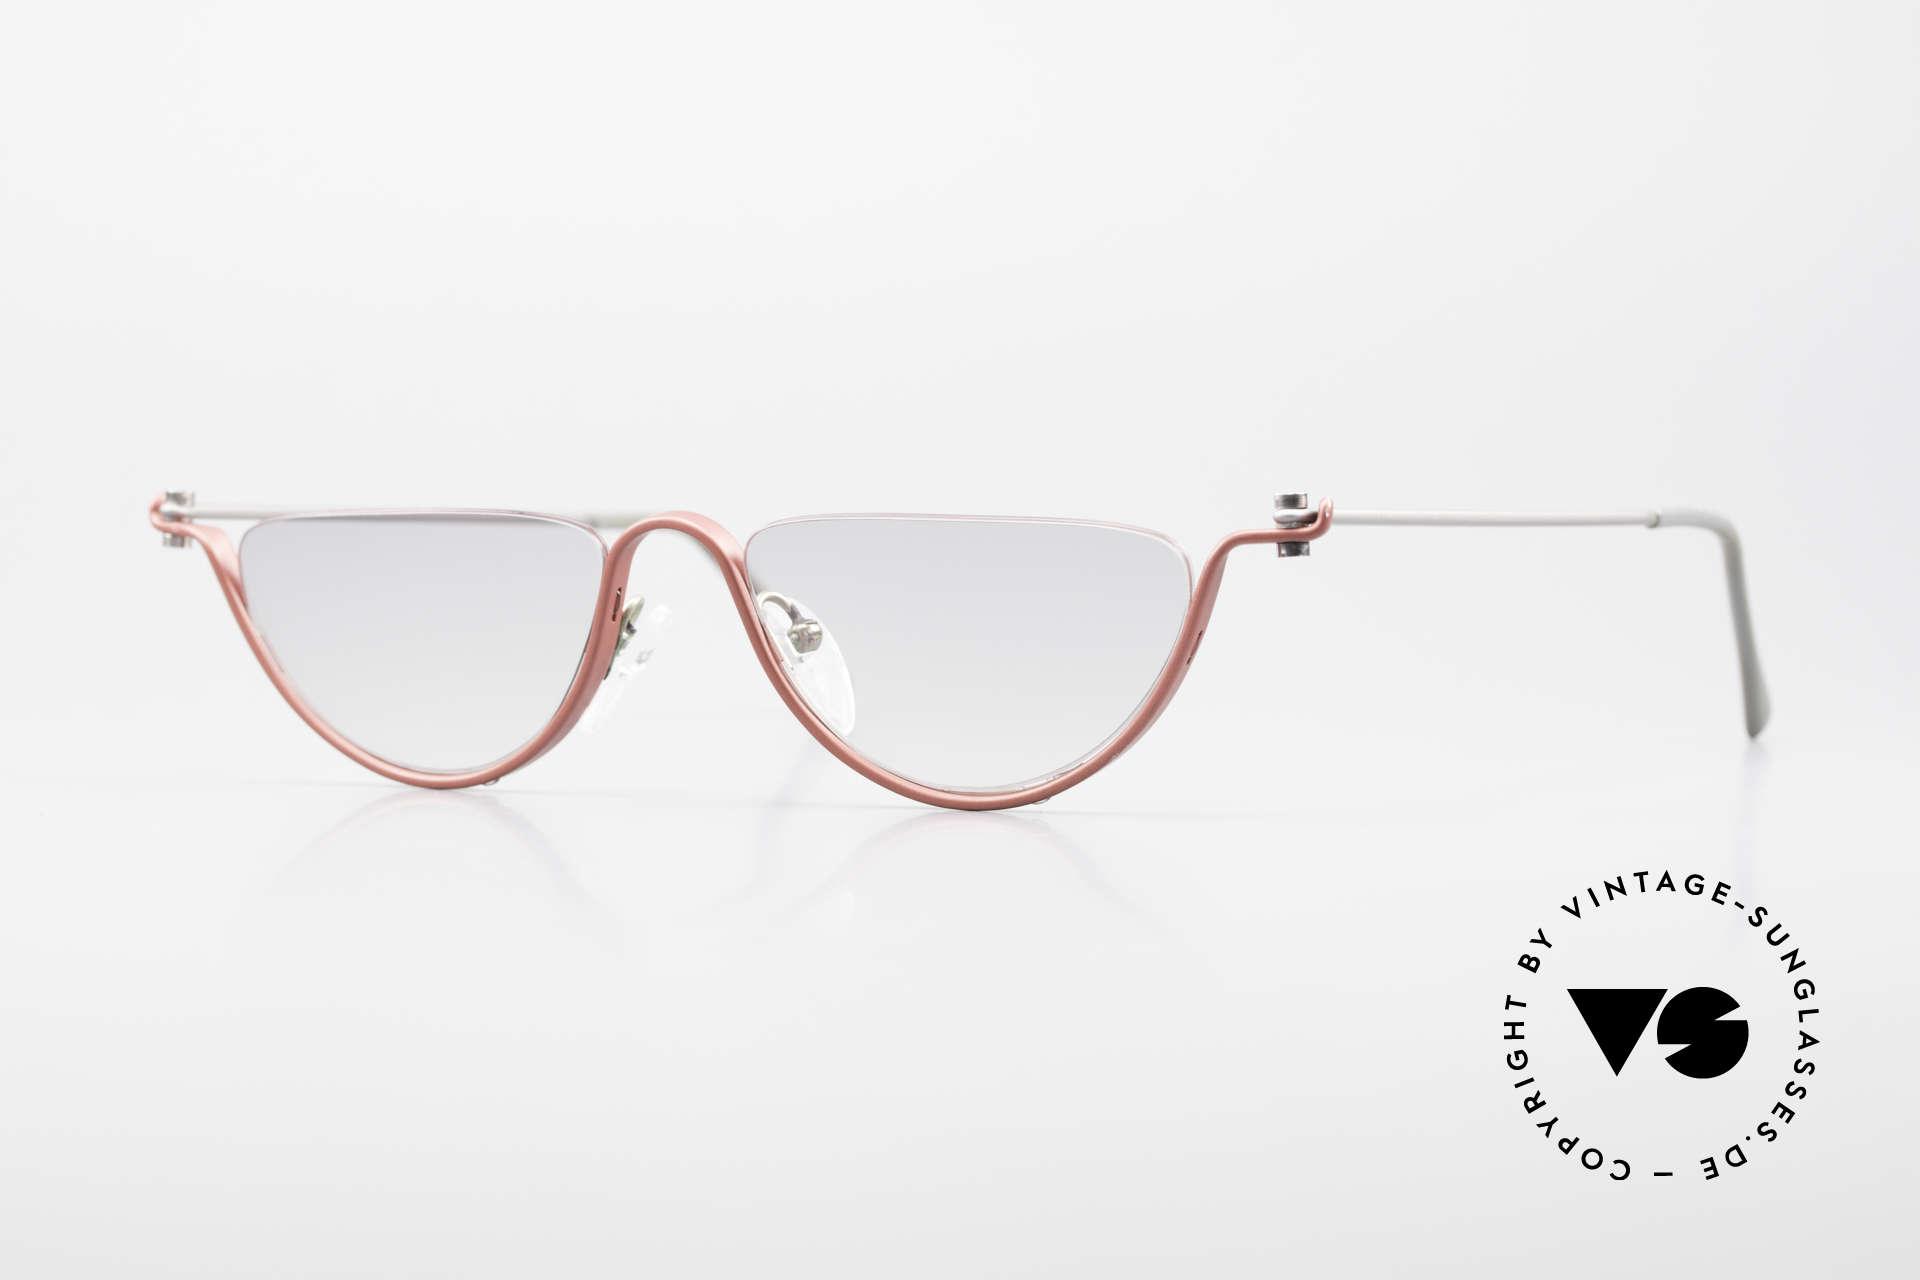 ProDesign No11 Gail Spence Design Sunglasses, ProDesign N°ELEVEN - Optic Studio Denmark Specs, Made for Women